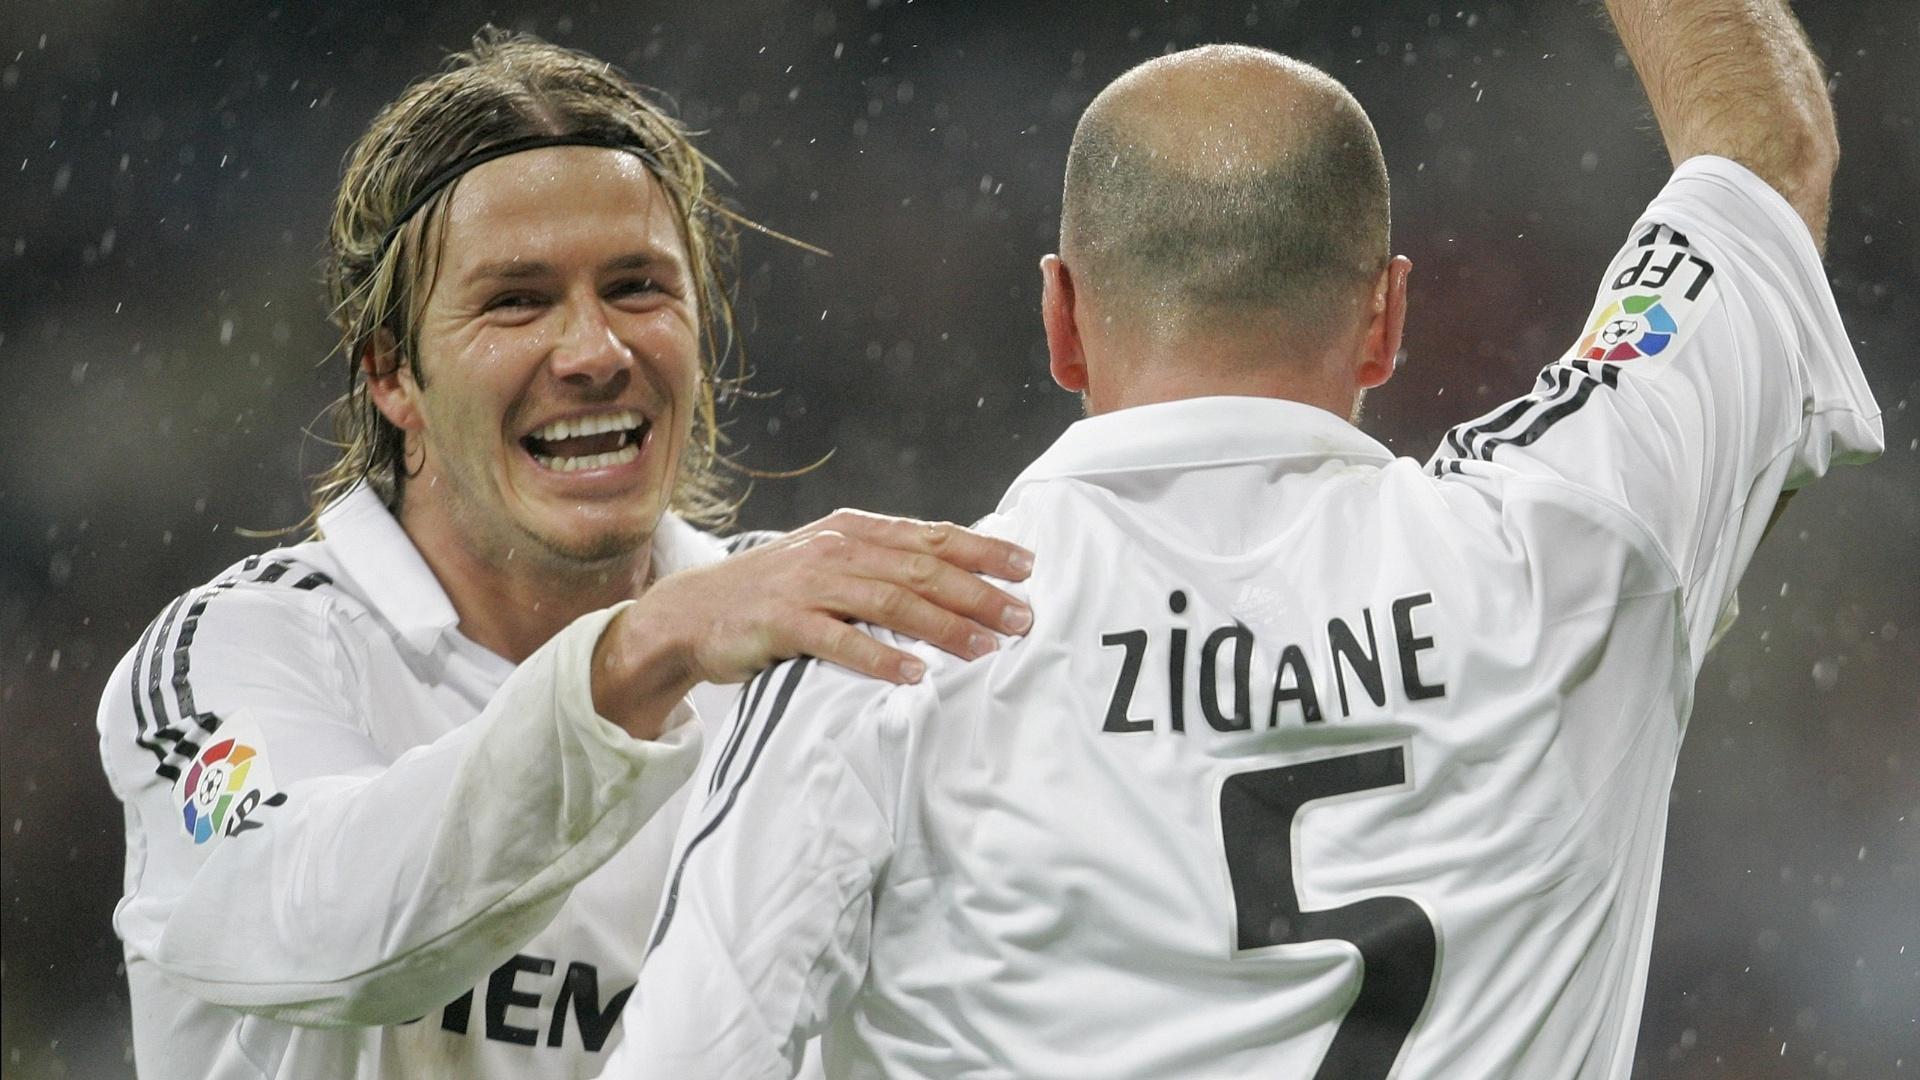 15.jan.2006 - Ao lado de Zidane, David Beckham desfila seu penteado com faixa, em 2006